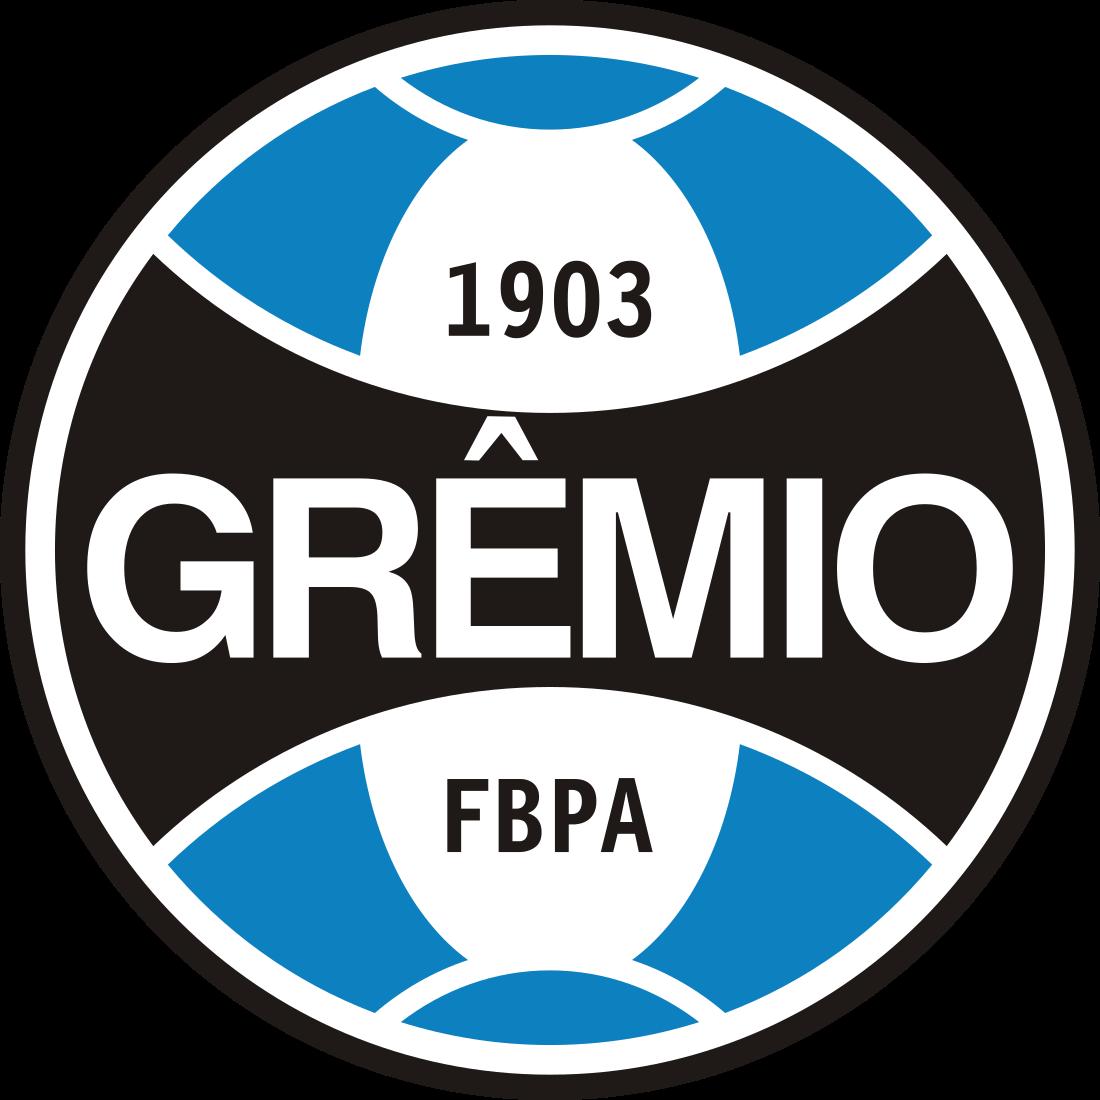 gremio logo escudo 6 - Grêmio Logo – Escudo